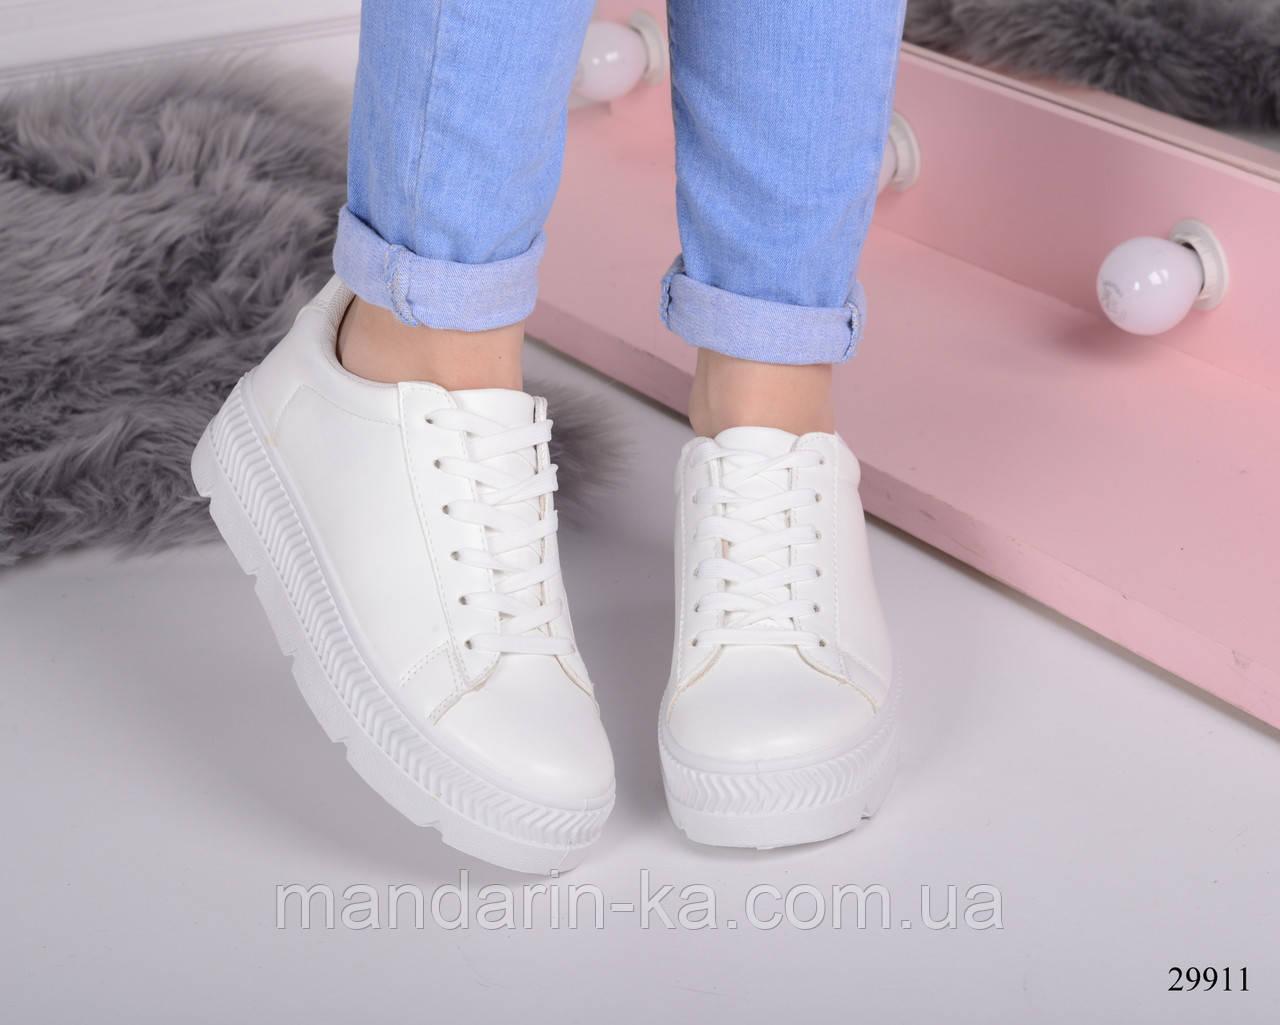 Женские  кроссовки  белые на толстой подошве